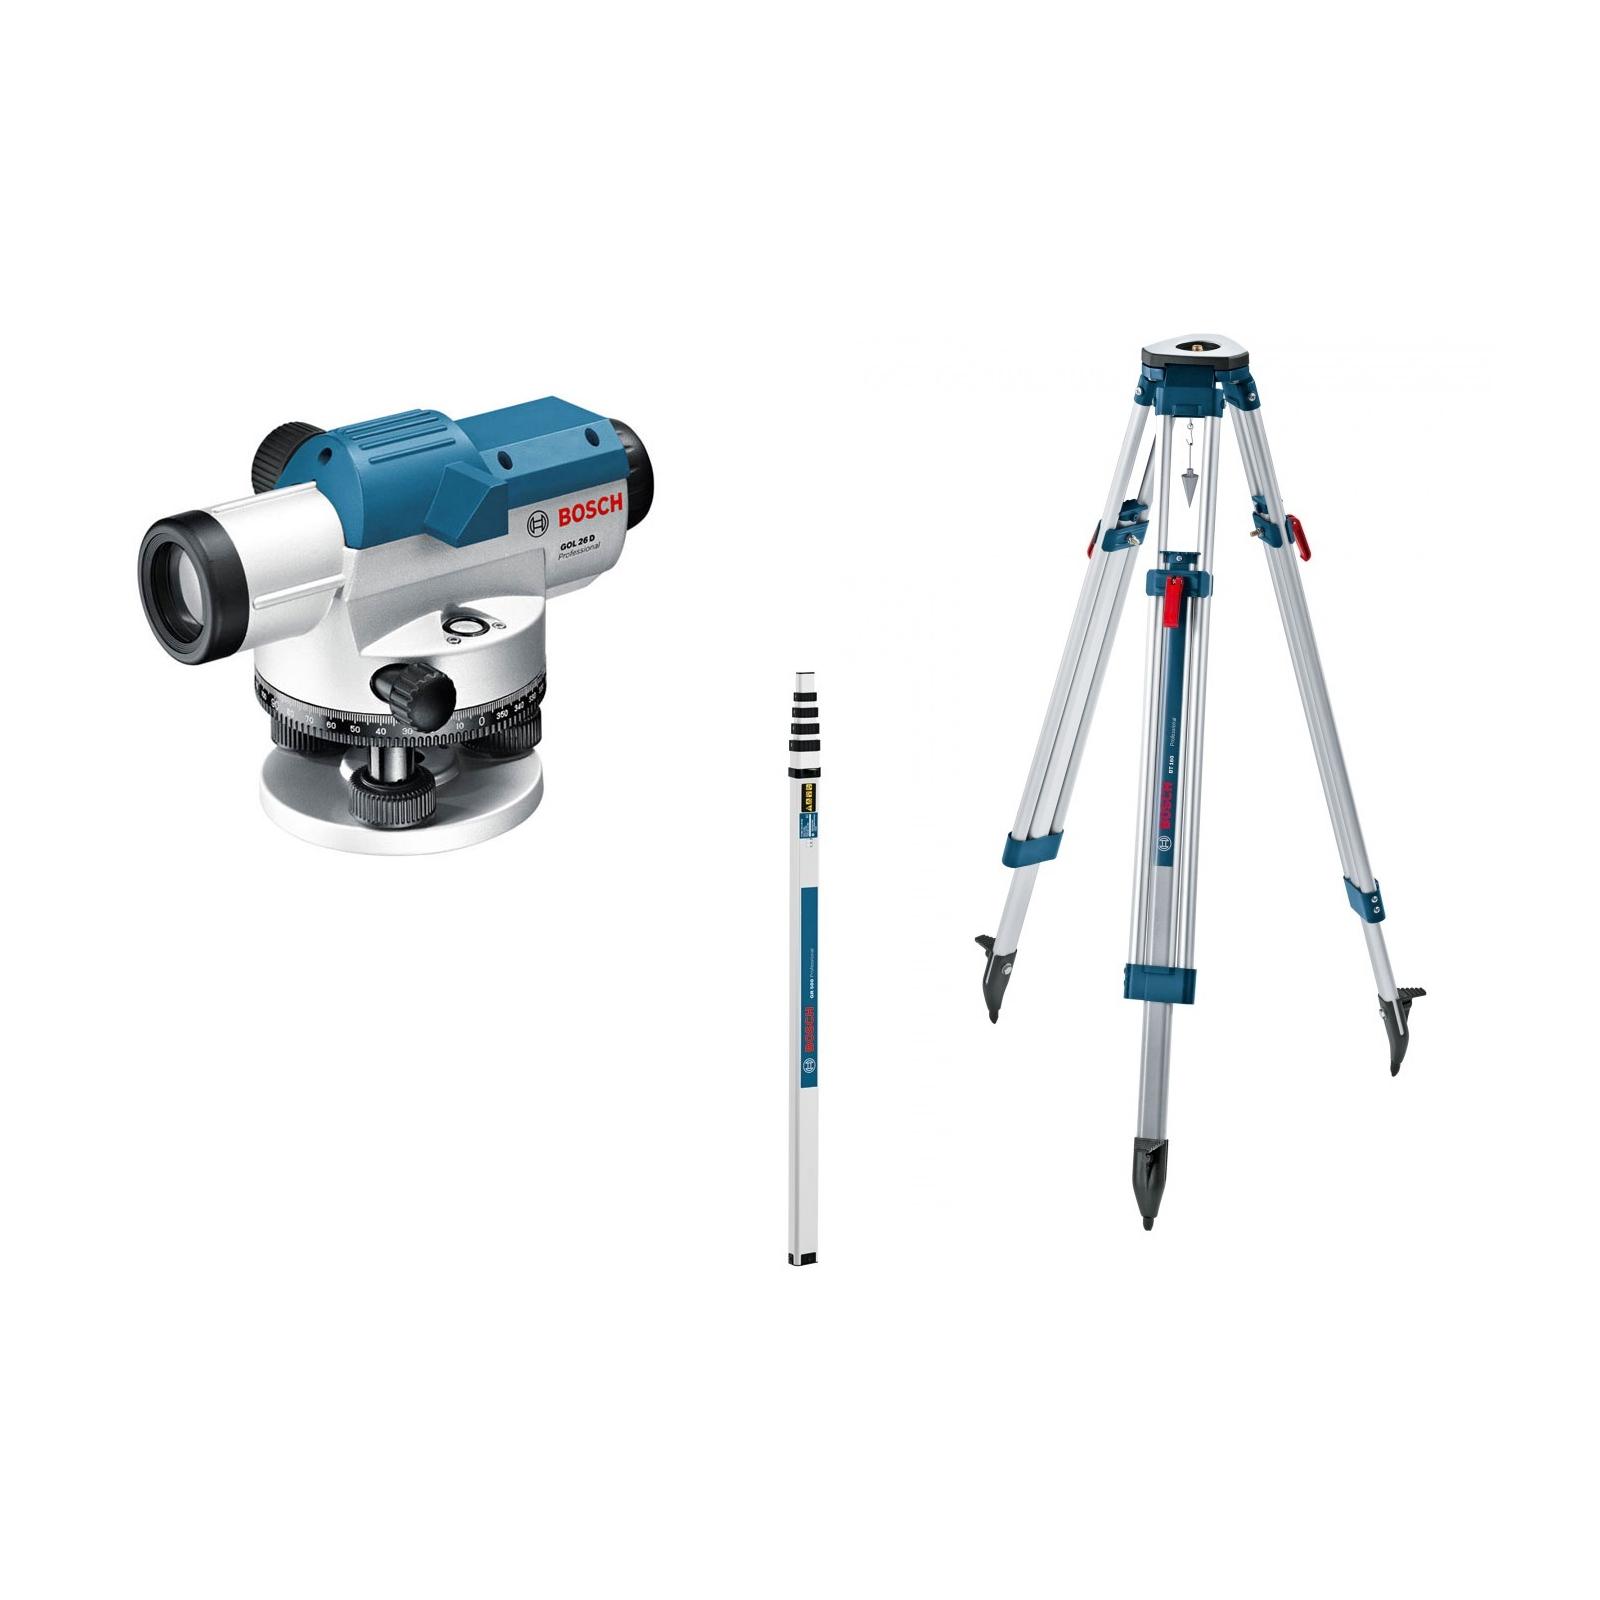 Оптический нивелир Bosch GOL 26 D + BT160 + GR500 (0.601.068.002) изображение 2